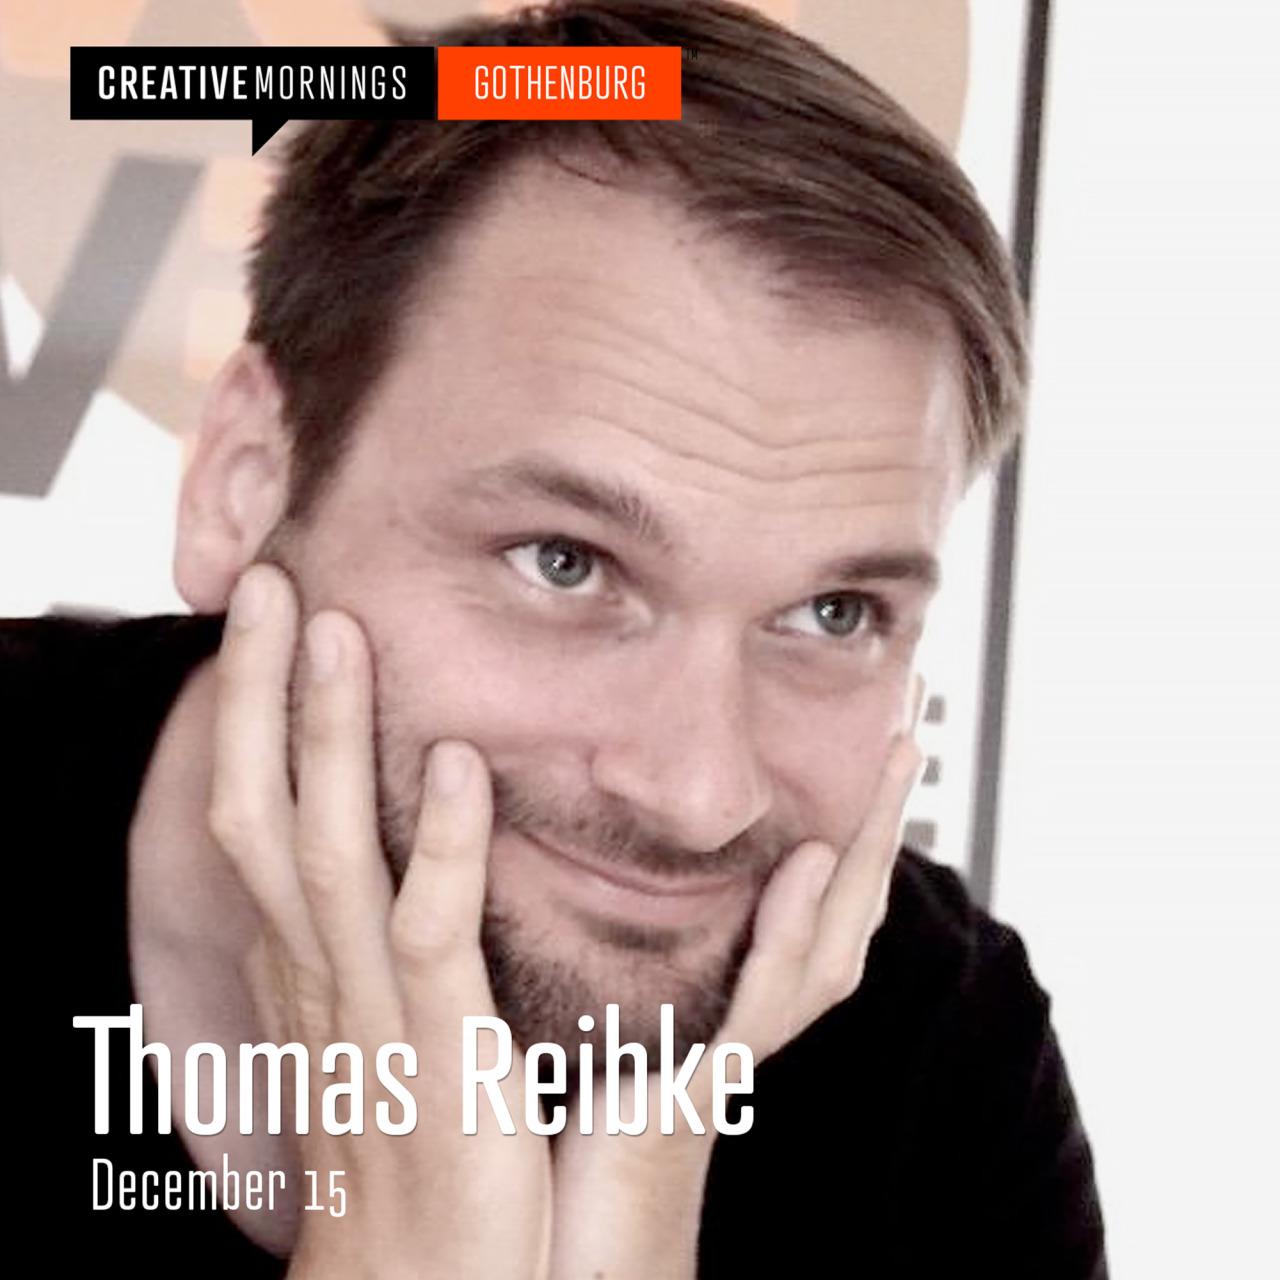 Thomas Reibke